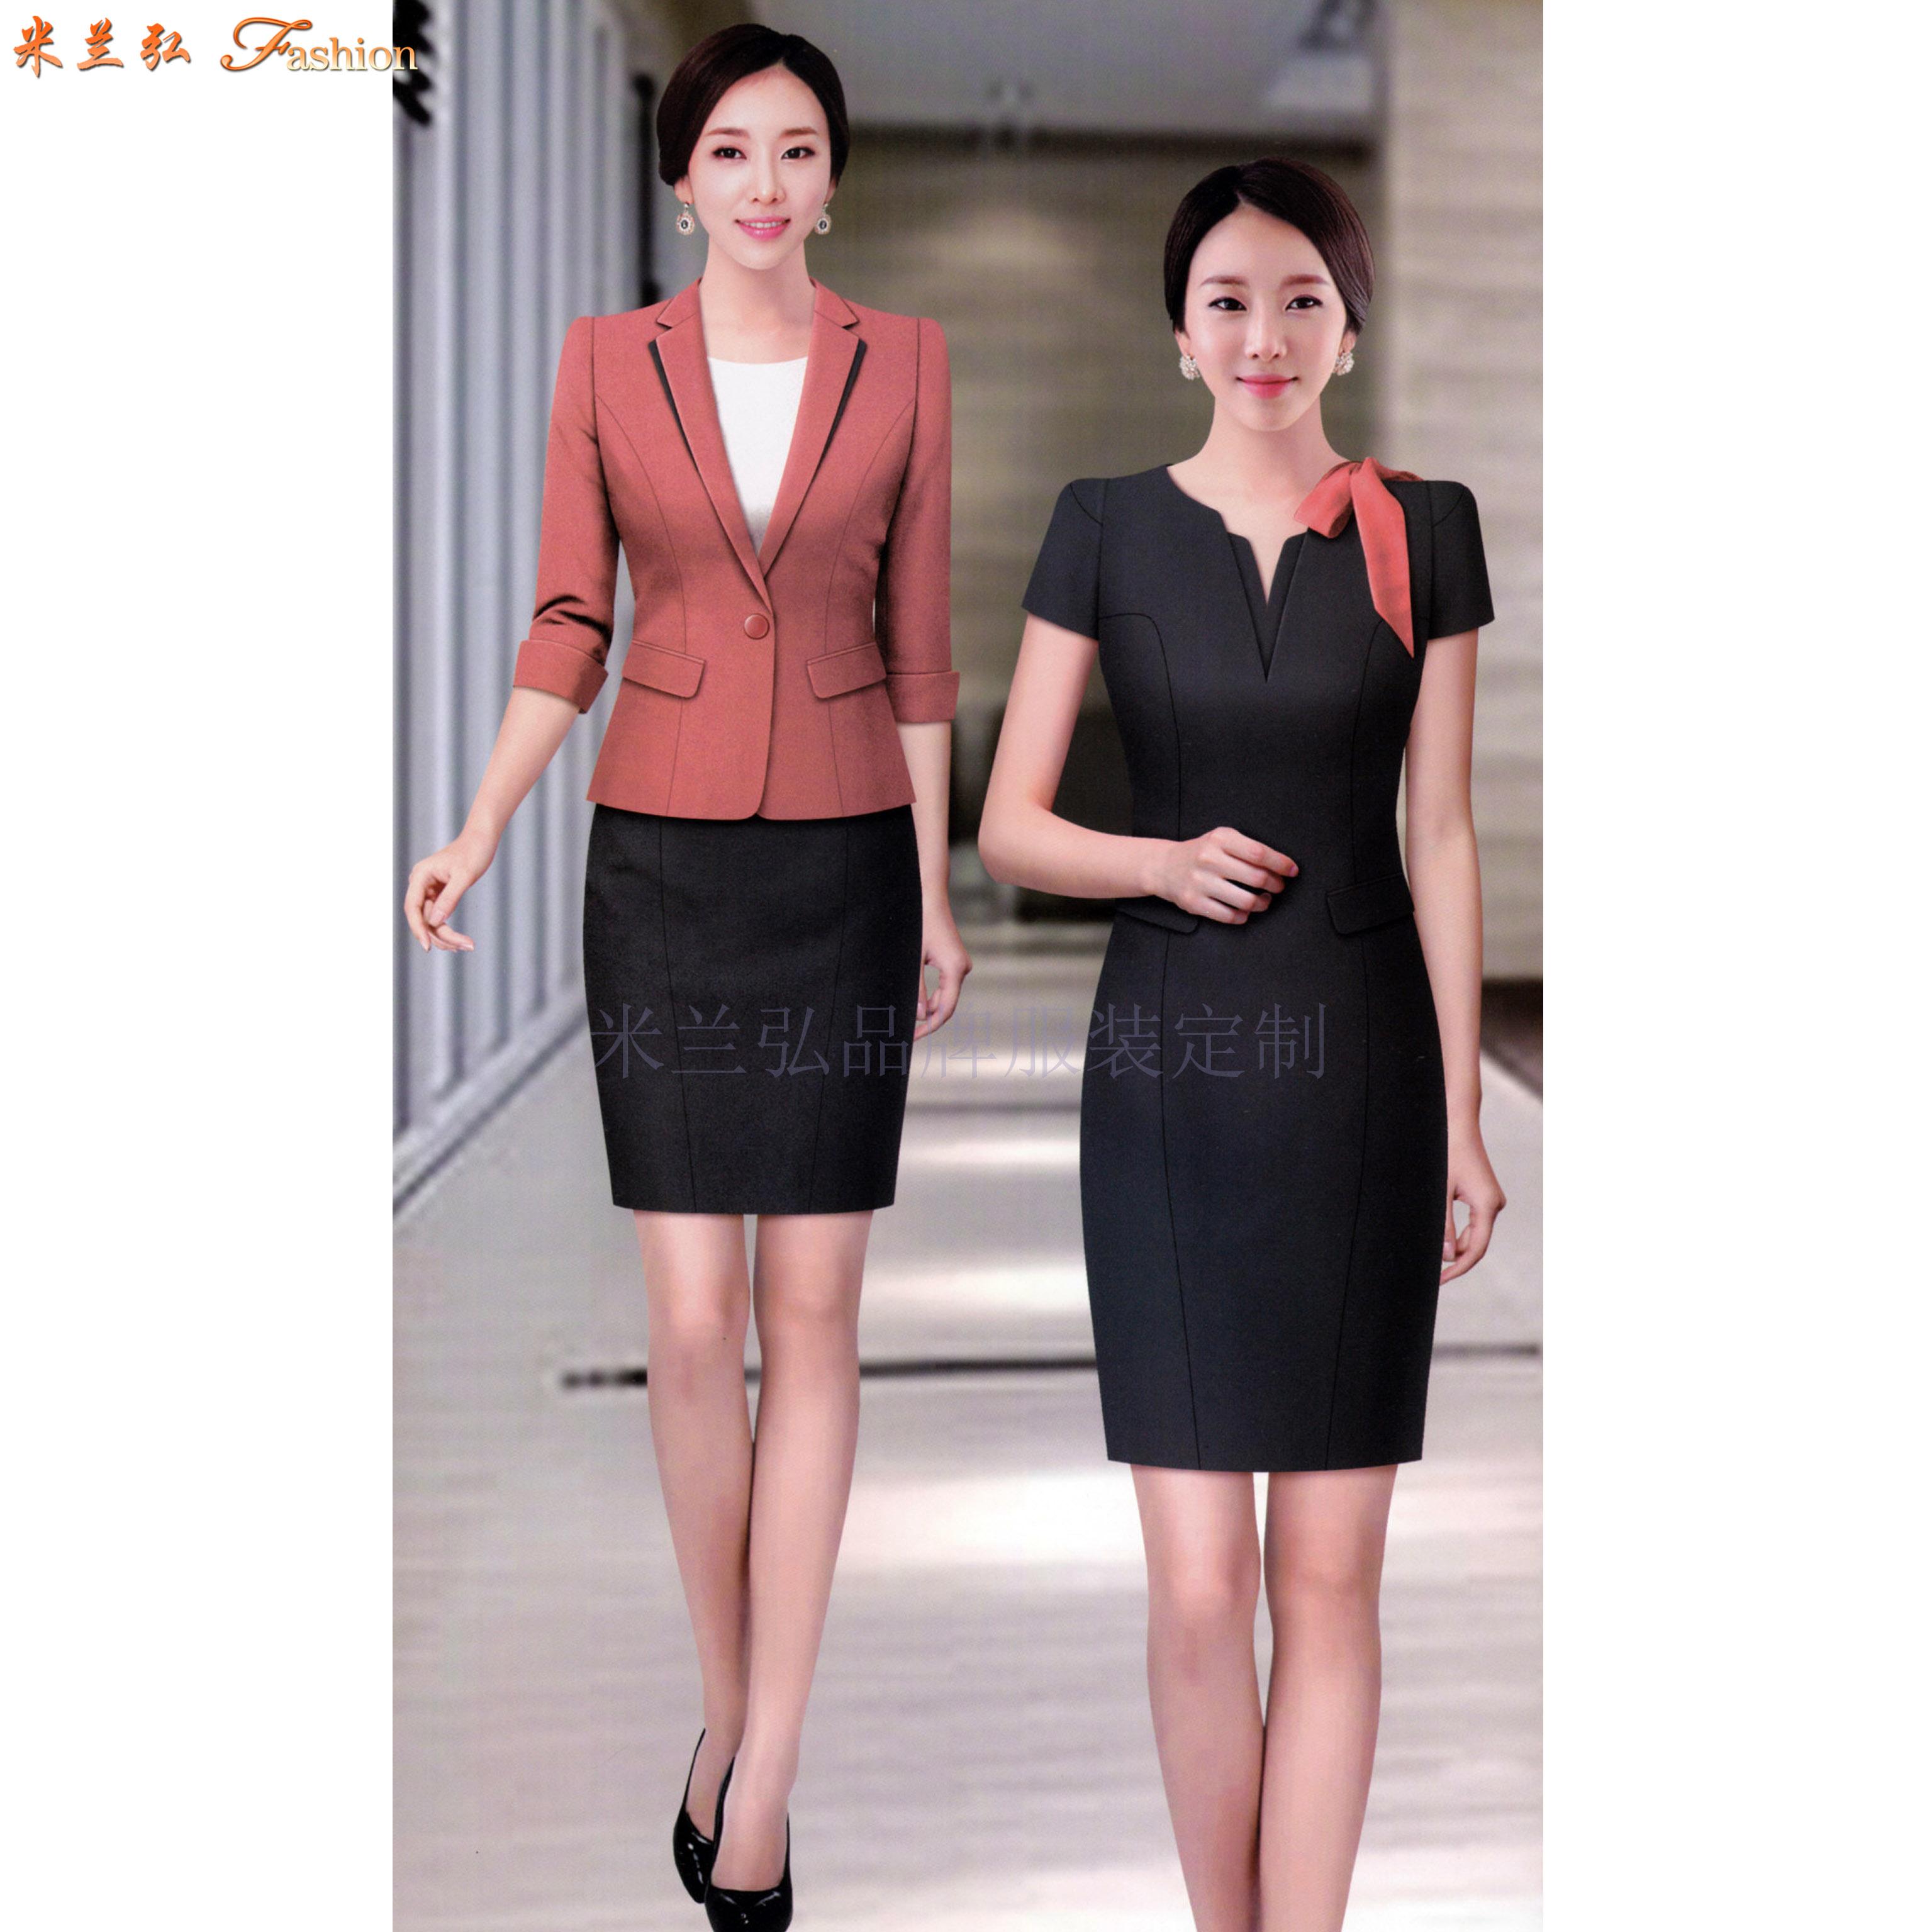 江西連衣裙定制-職業連衣裙訂做價錢-米蘭弘服裝-2